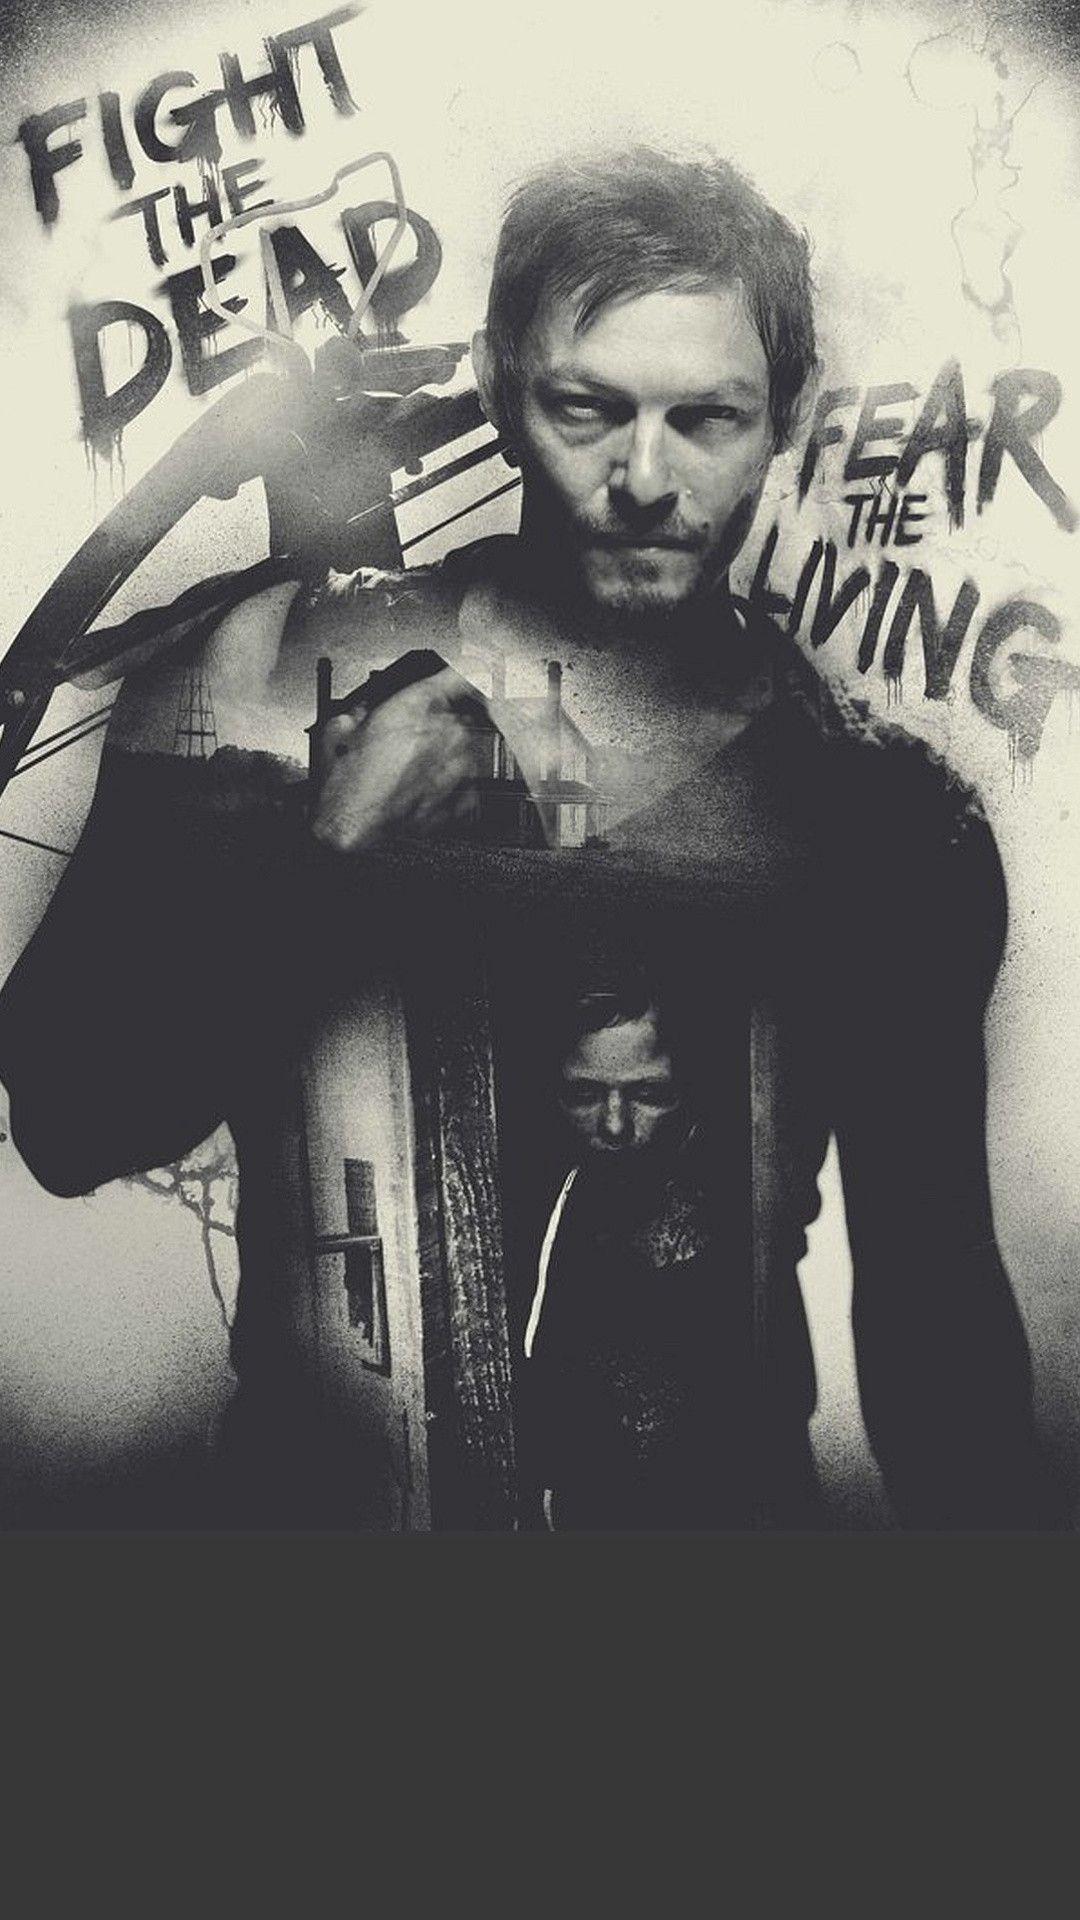 Negan The Walking Dead Wallpaper Iphone Cinematics Wallpapers